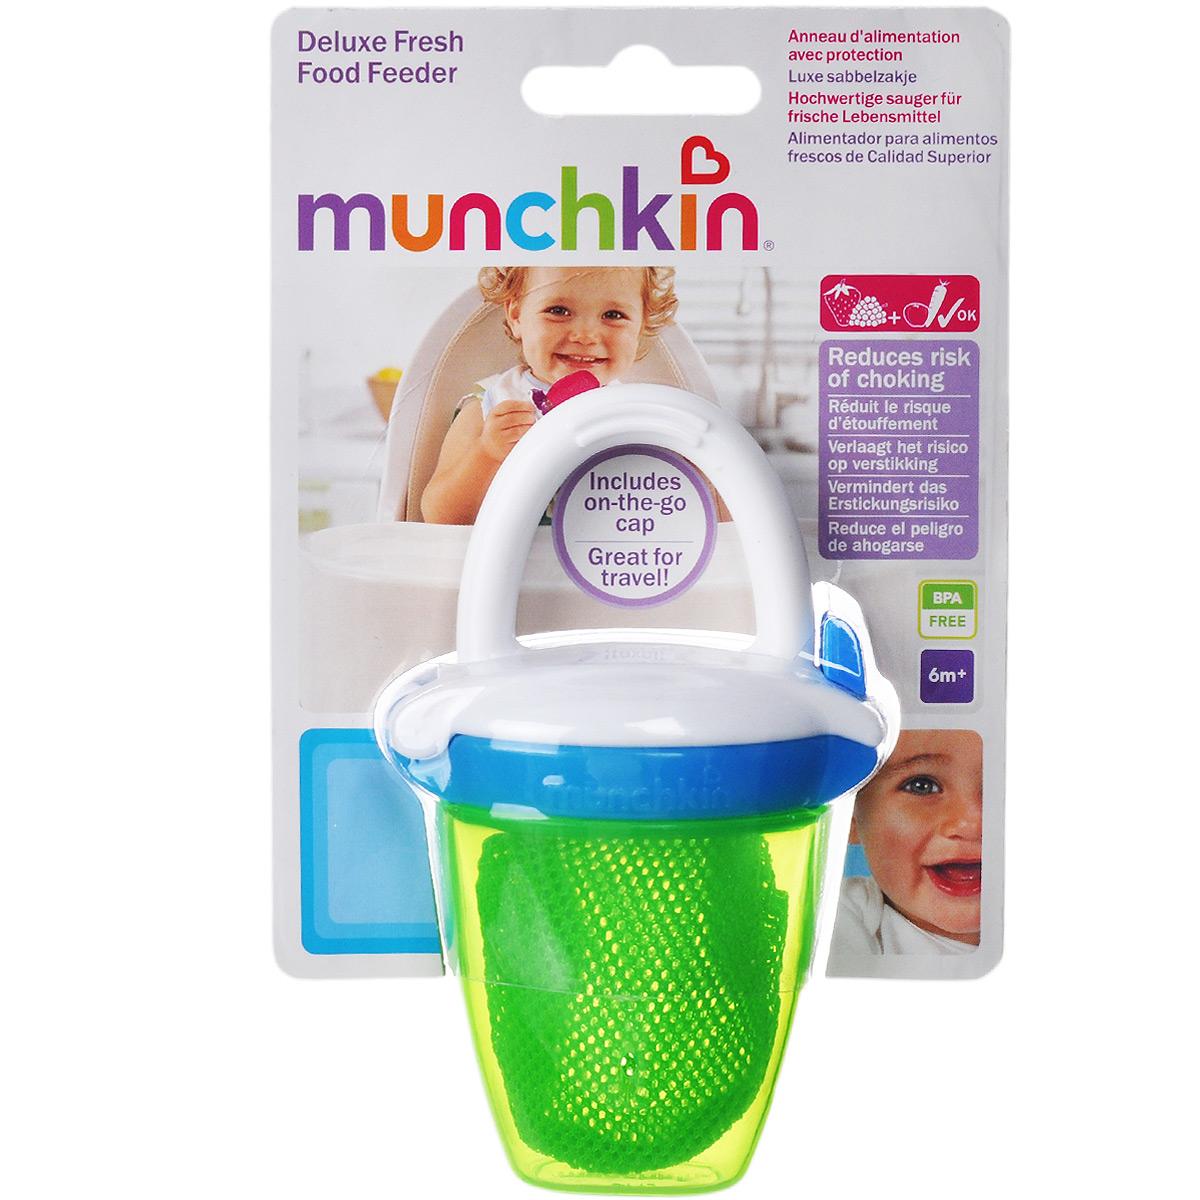 Ниблер Munchkin Deluxe, цвет: зеленый11490 NEWНиблер Munchkin Deluxe создан специально для безопасного кормления фруктами и овощами, соответствующими возрасту ребенка. Ваш малыш будет наслаждаться натуральным вкусом, структурой и высоким качеством свежих продуктов безопасно, без риска удушья - а вы получите душевное спокойствие! Благодаря простой конструкции сеточки, этот удобный при прорезывании зубов прибор позволяет младенцам грызть продукты самостоятельно и безопасно. Достаточно просто поместить кусочек фруктов, овощей или даже мяса в сетчатый мешочек и закрыть его. Ребенок может жевать, грызть и сосать их, через сеточку проходят только очень маленькие частички, что снижает риск подавиться. Также служит альтернативой прорезывателям для зубов. В наборе имеется крышка, благодаря которой можно взять ниблер с собой в поездку. Благодаря ручке ребенку легко его держать и делать первые шаги к самостоятельному питанию. Можно мыть в посудомоечной машине на верхней полке. Не использовать в СВЧ, не...